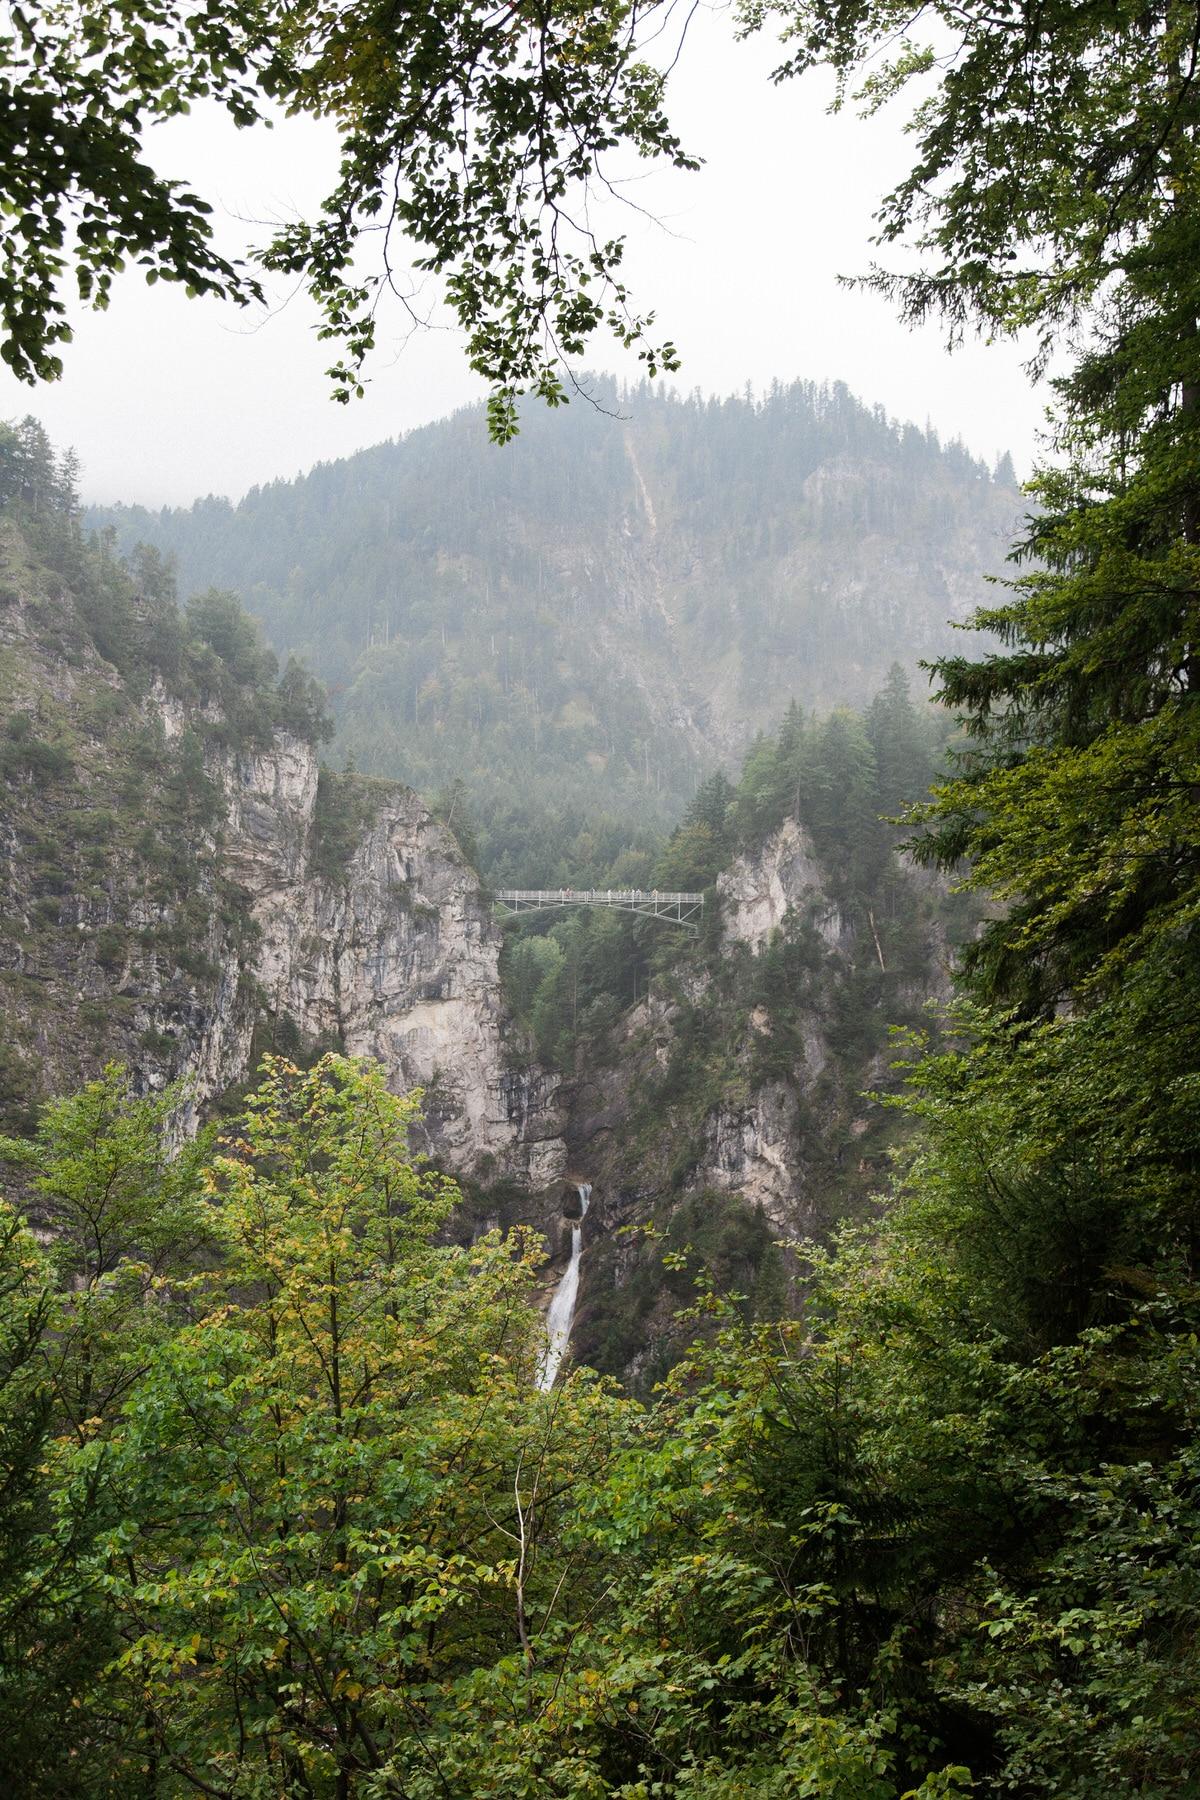 Neuschwanstein-Bavaria-Germany-black-and-white-fine-art-photography-by-Studio-L-photographer-Laura-Schneider-_3574